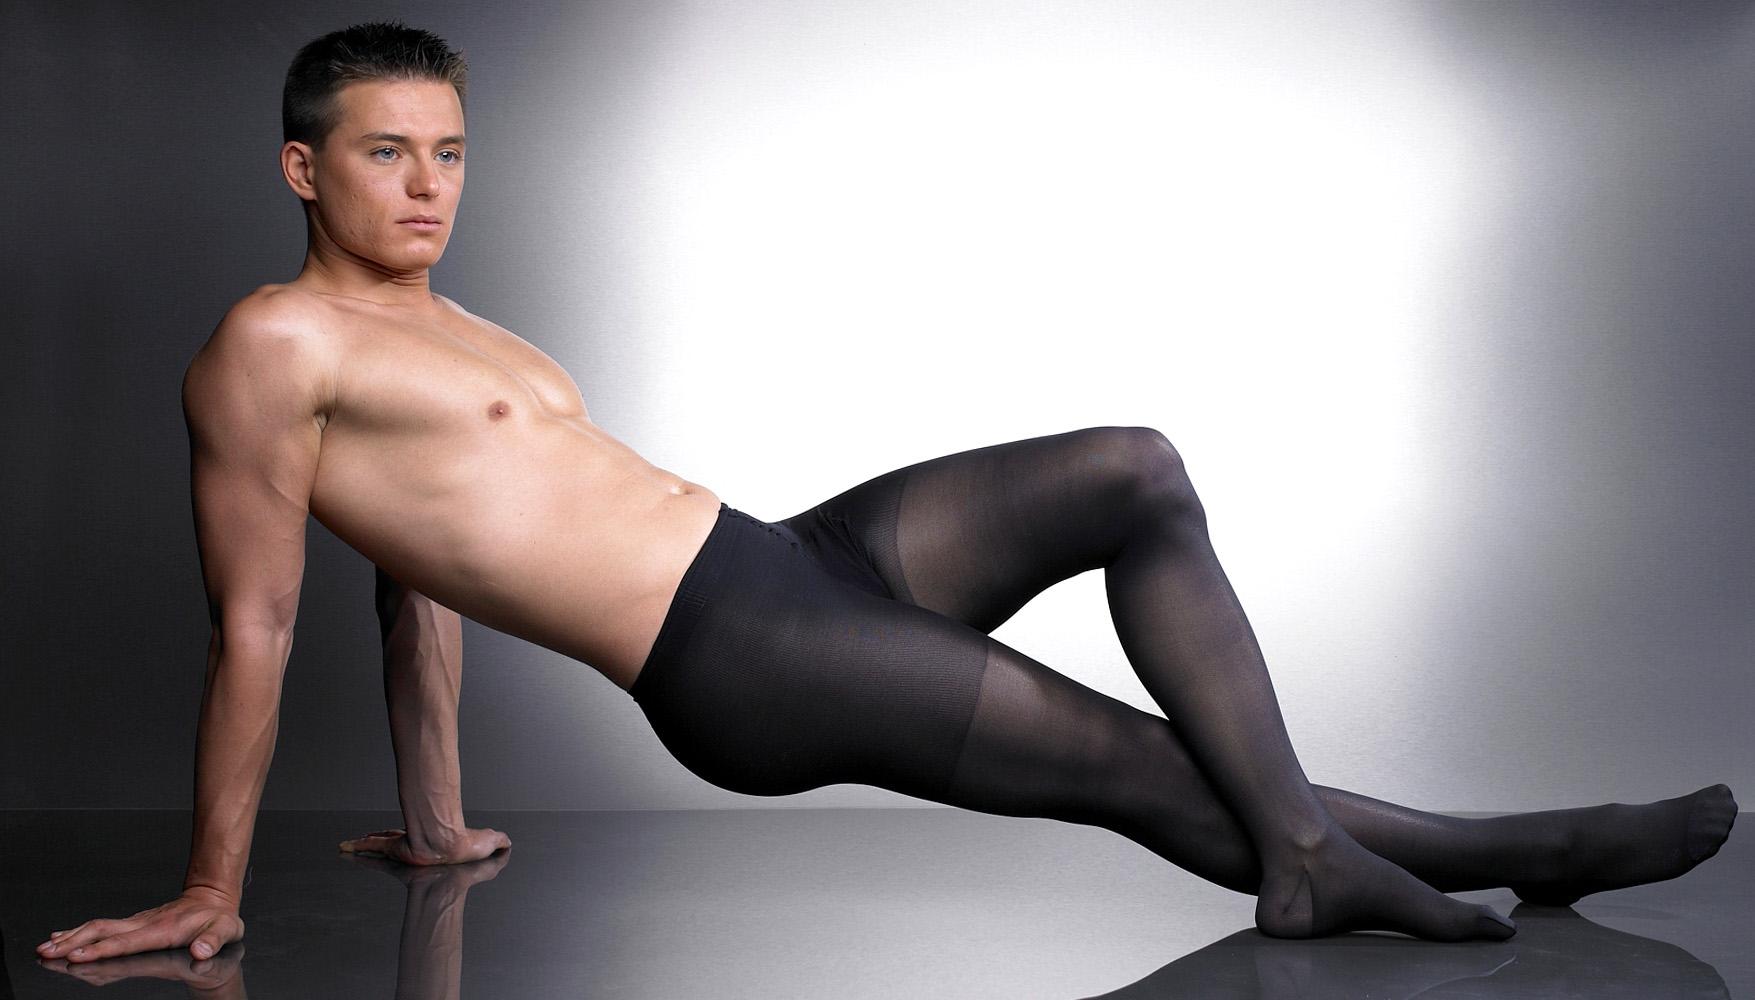 男人的丝袜和裤袜 3